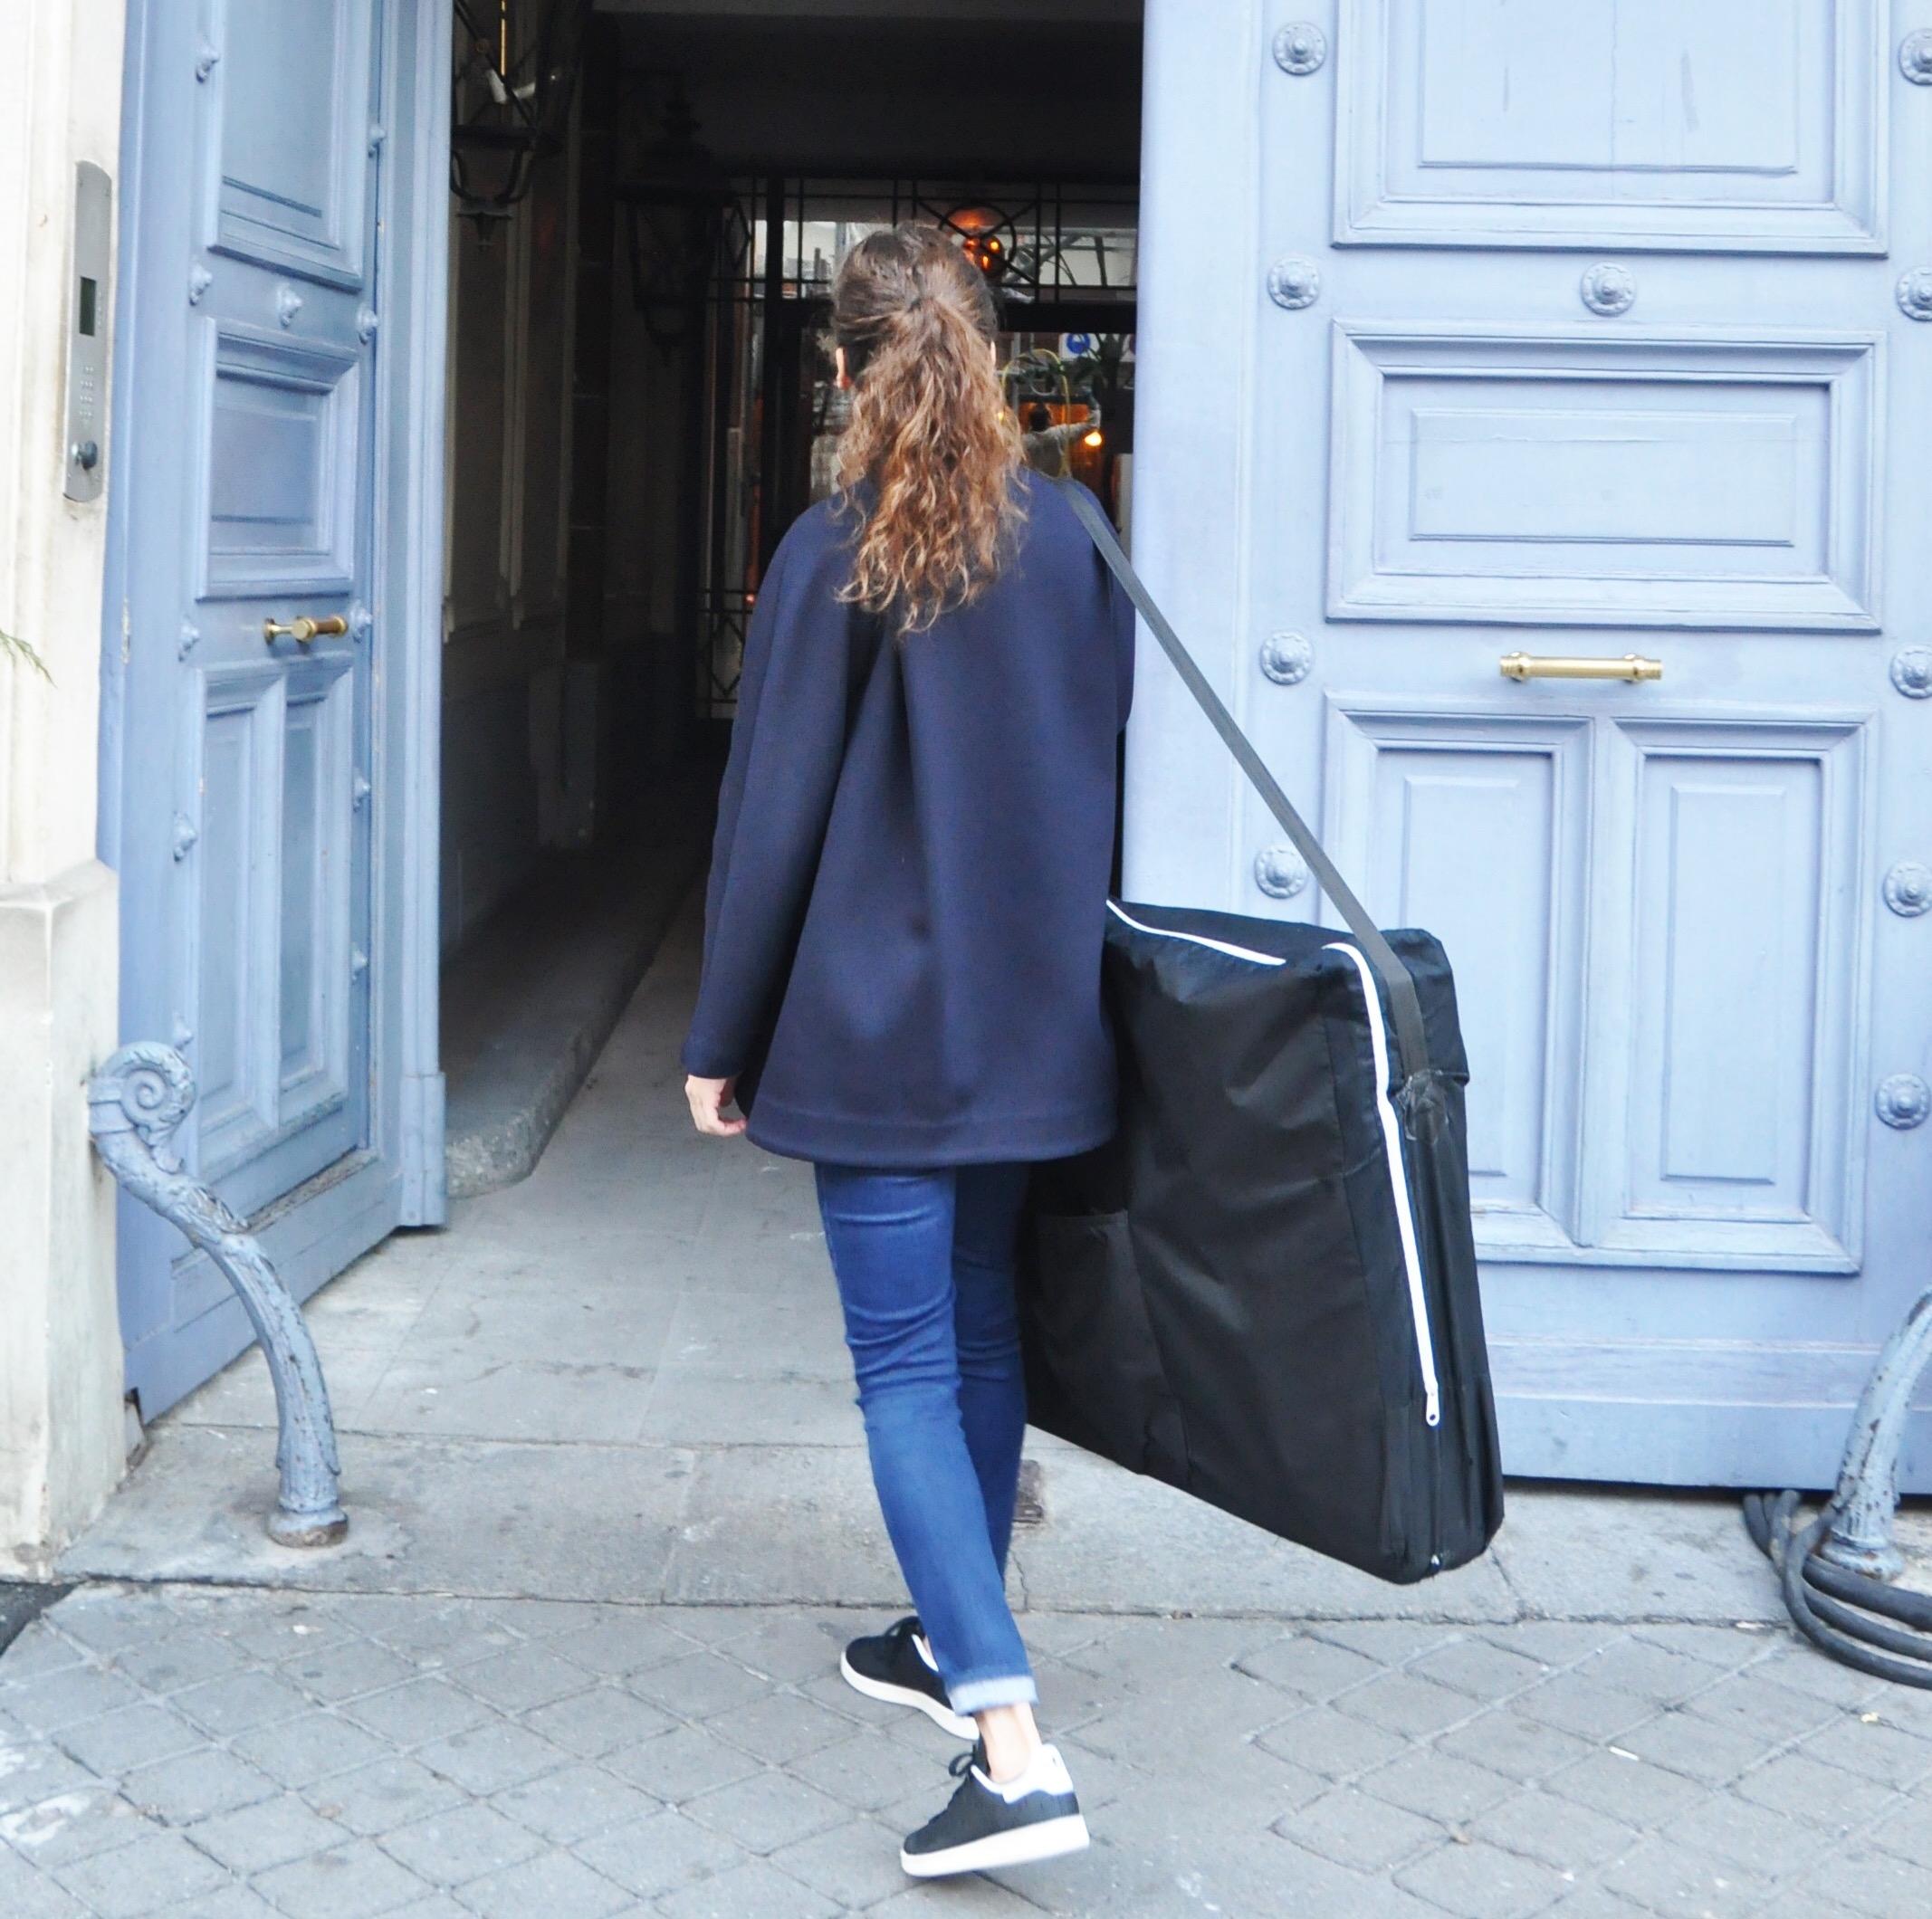 Rdv avec un ostéopathe à domicile sur Paris